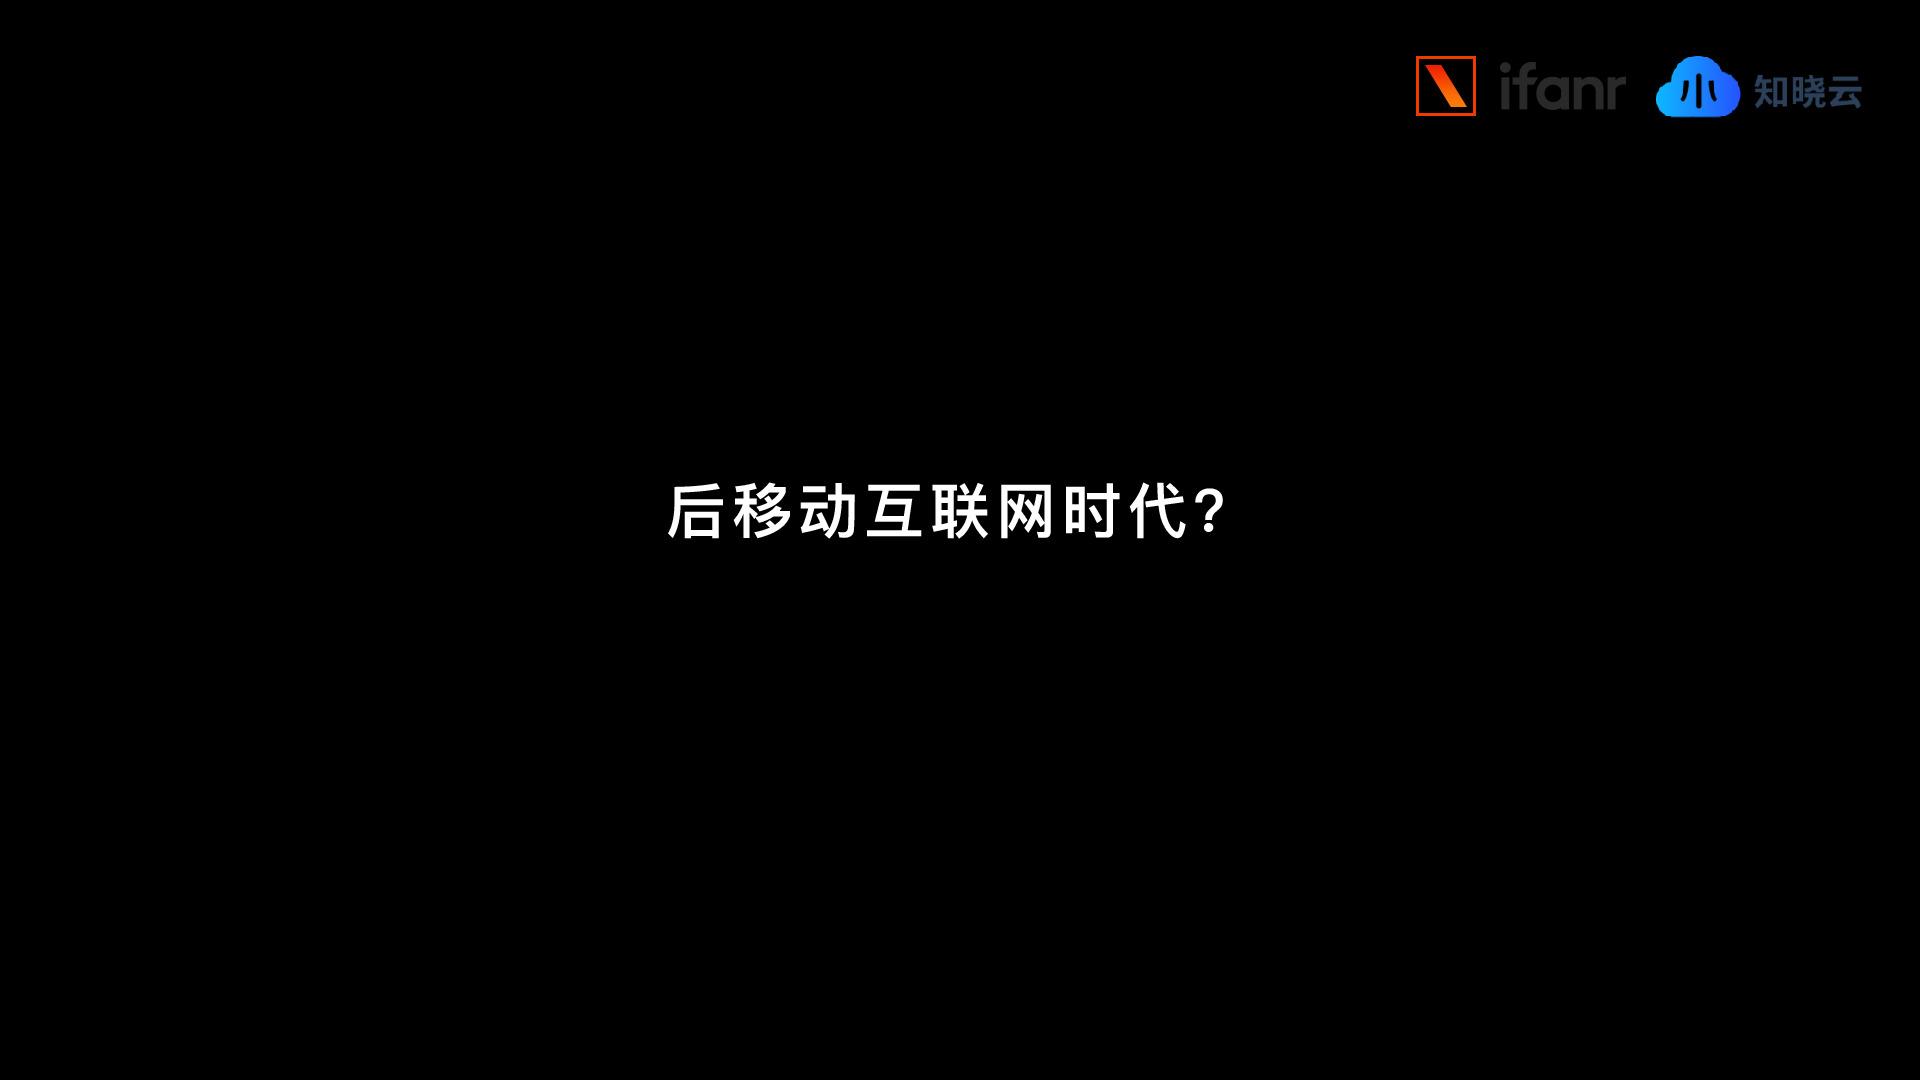 https://opentalk-blog.b0.upaiyun.com/prod/2018-10-15/3f56970963ddc0b3987bd62e311dfd71